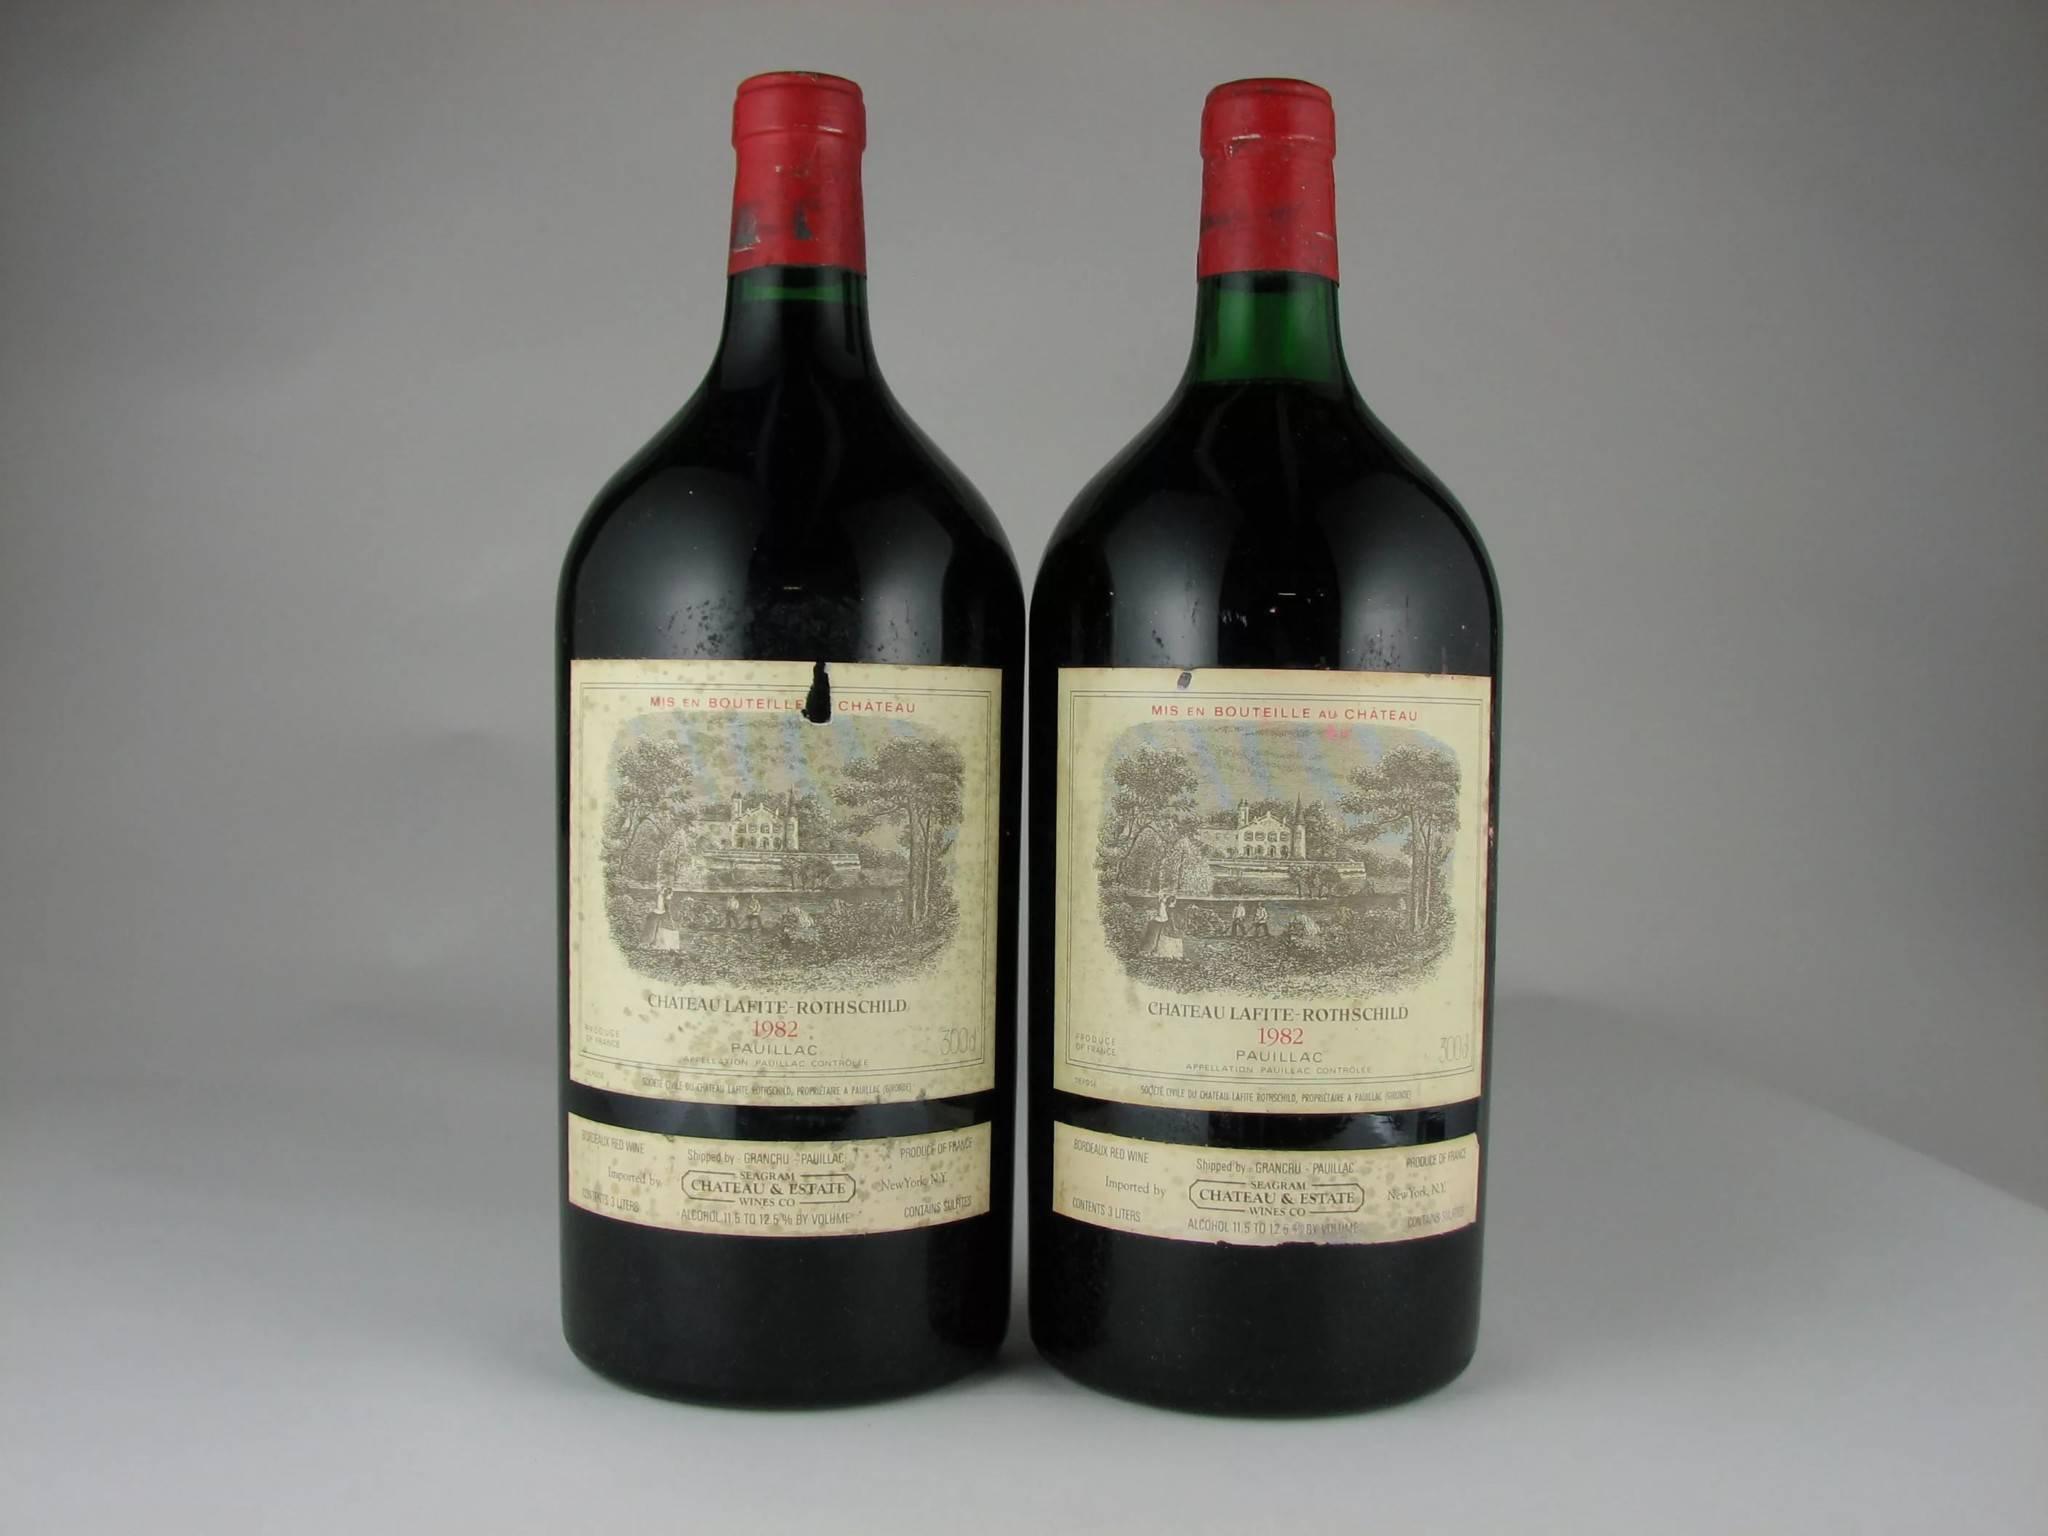 13 самых дорогих вин мира: цены